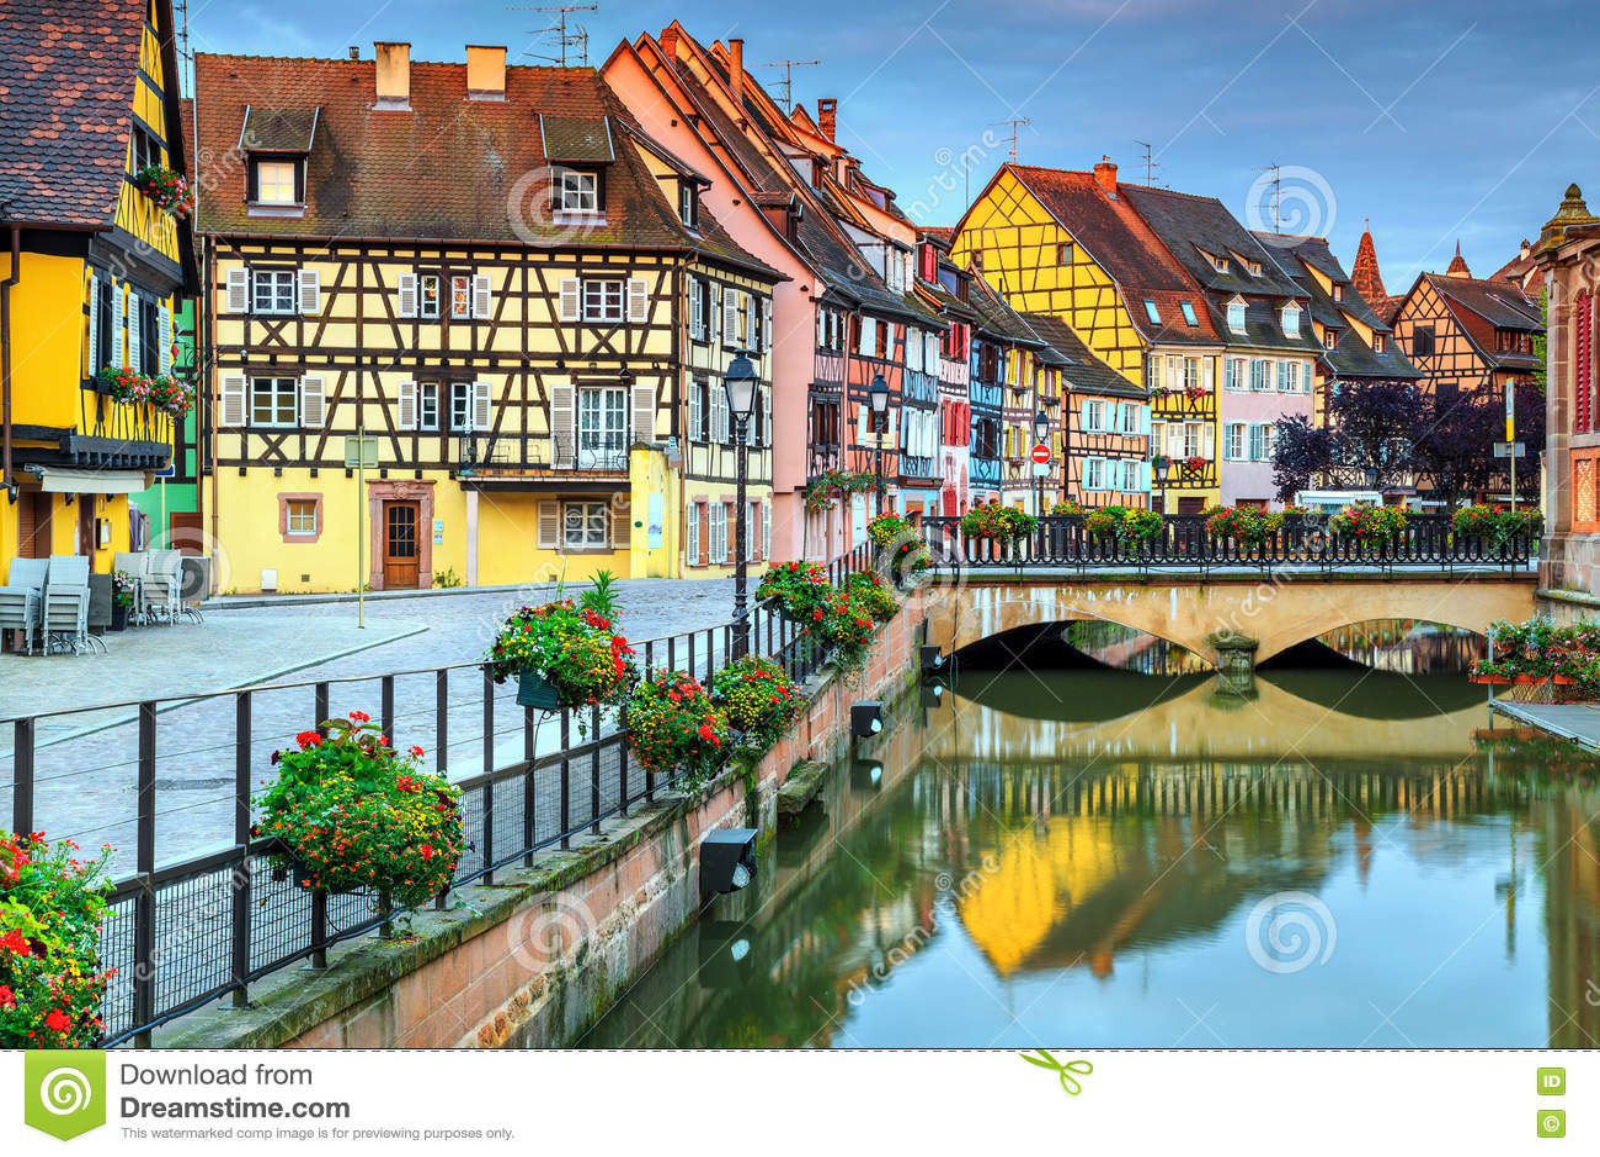 Facciate a graticcio medievali tipiche che riflettono in acqua, Colmar, Francia